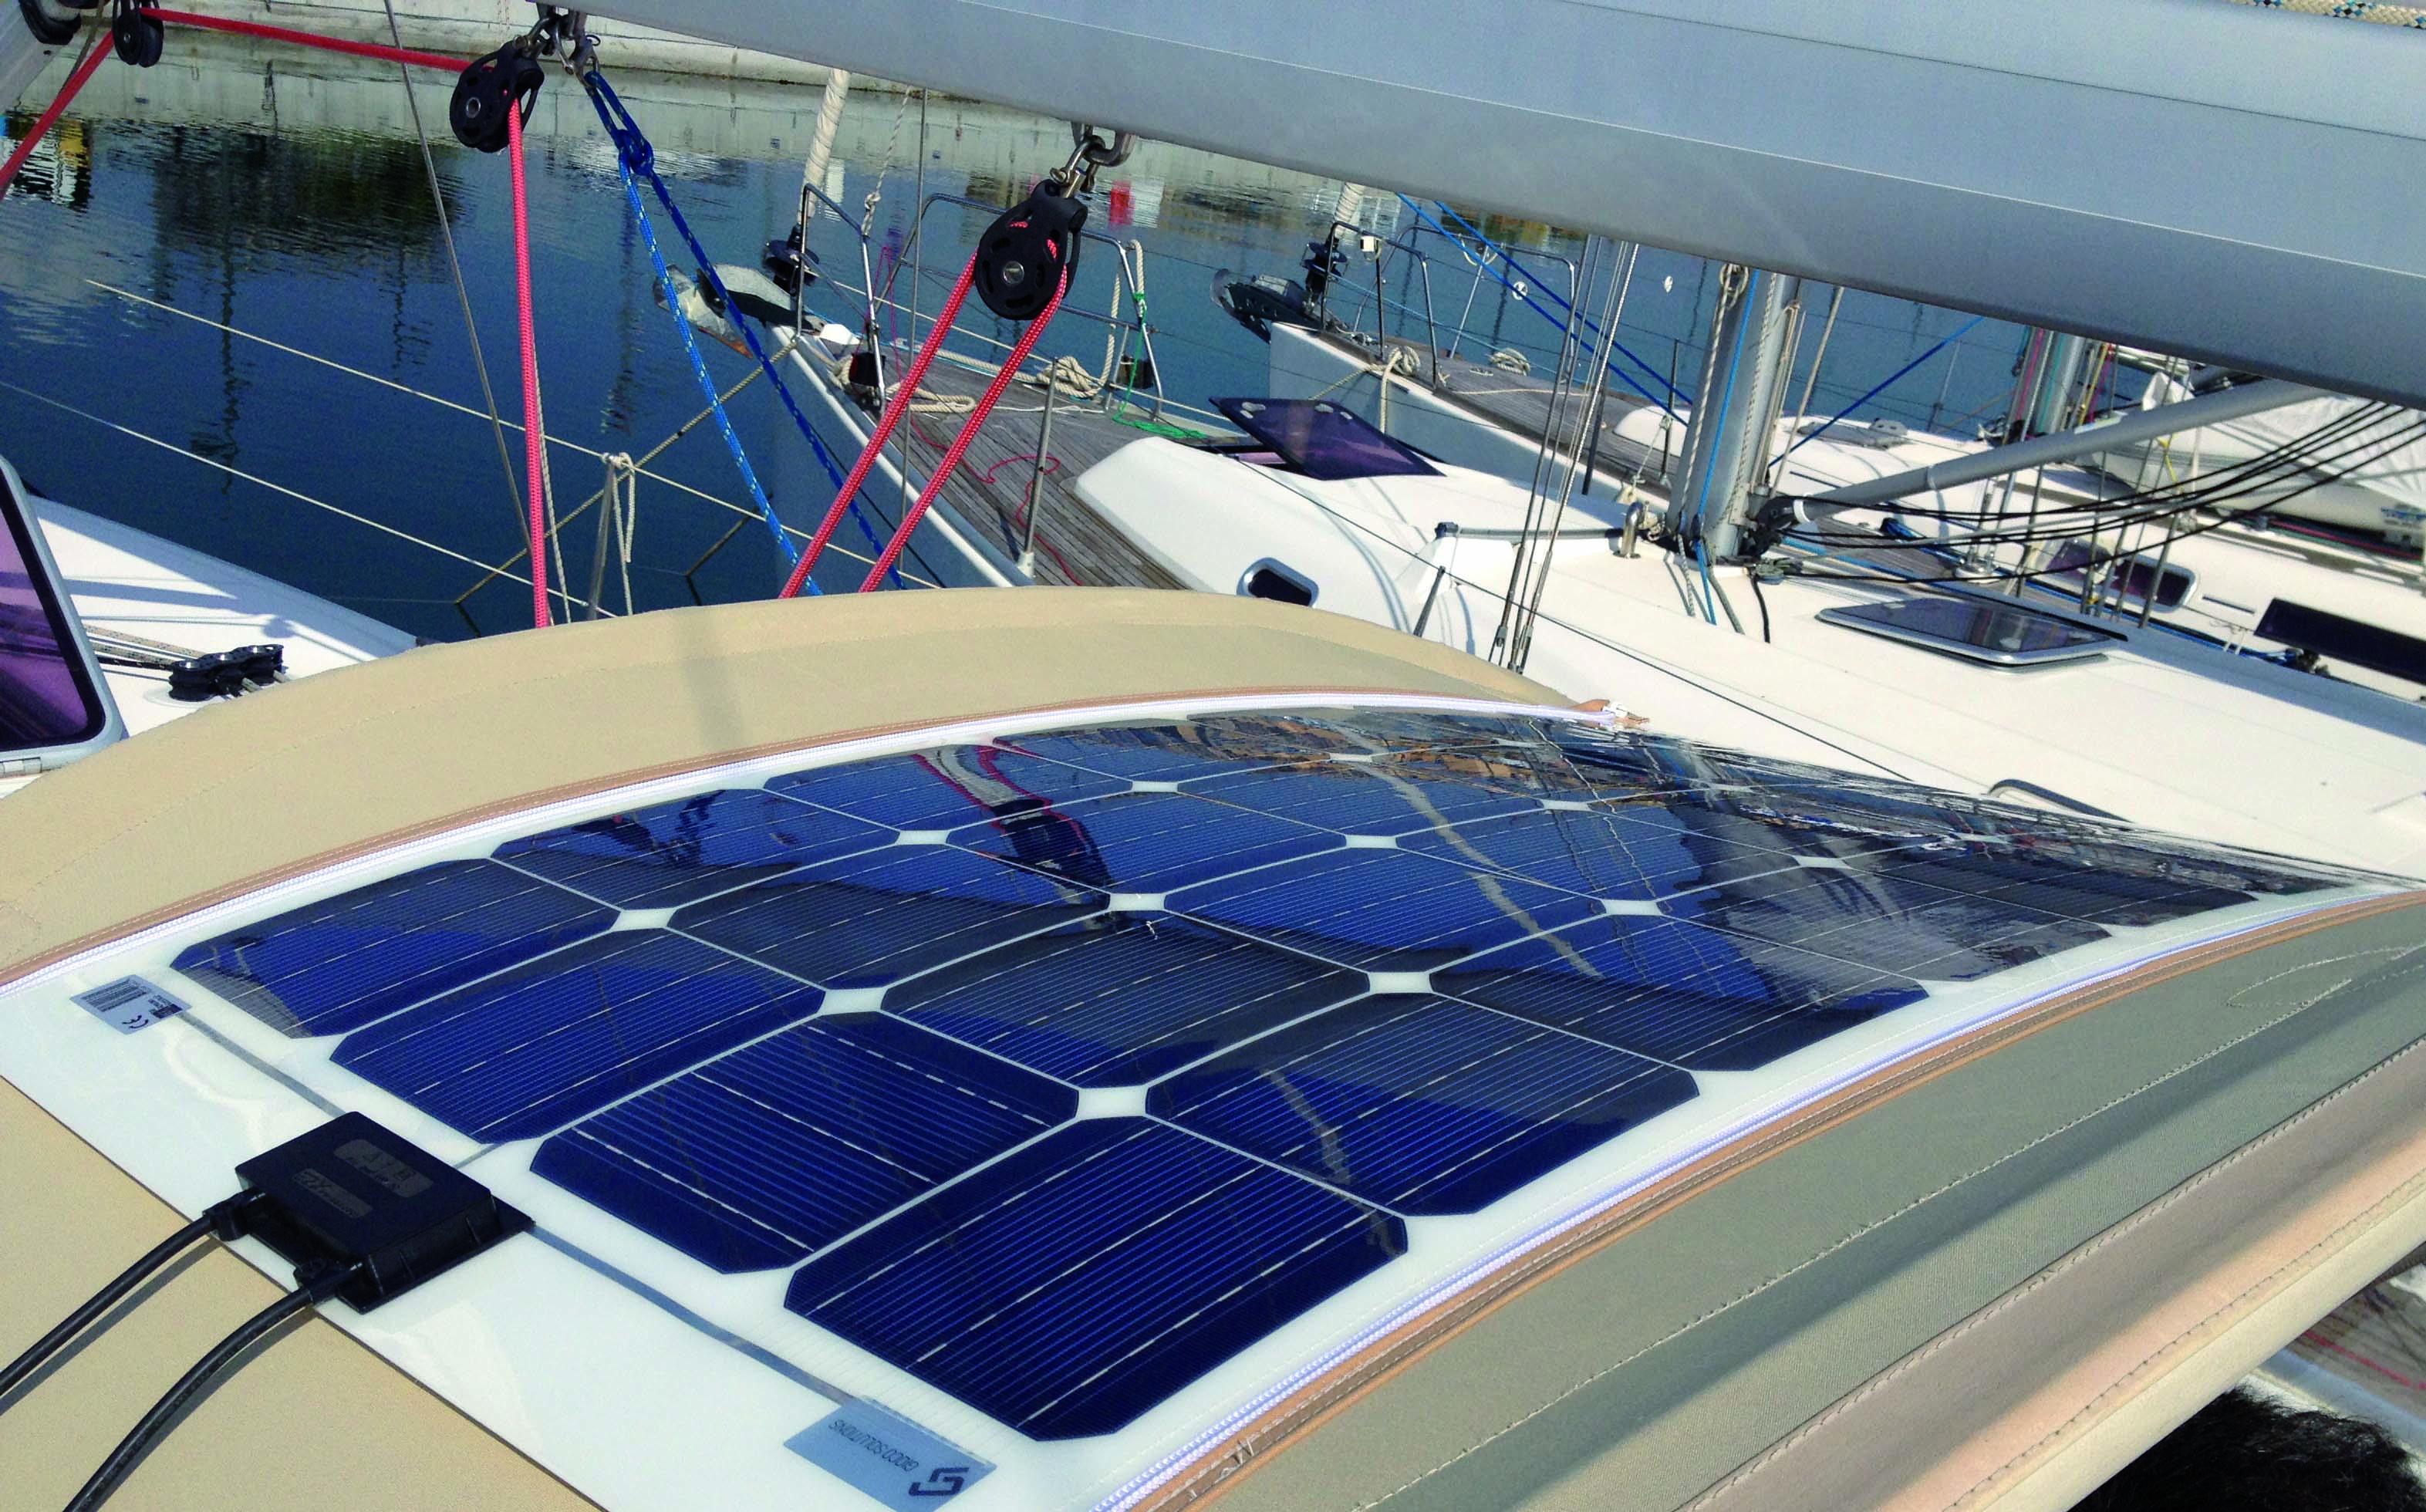 Pannello Solare Per Gommone : State pensando di installare i pannelli solari a bordo